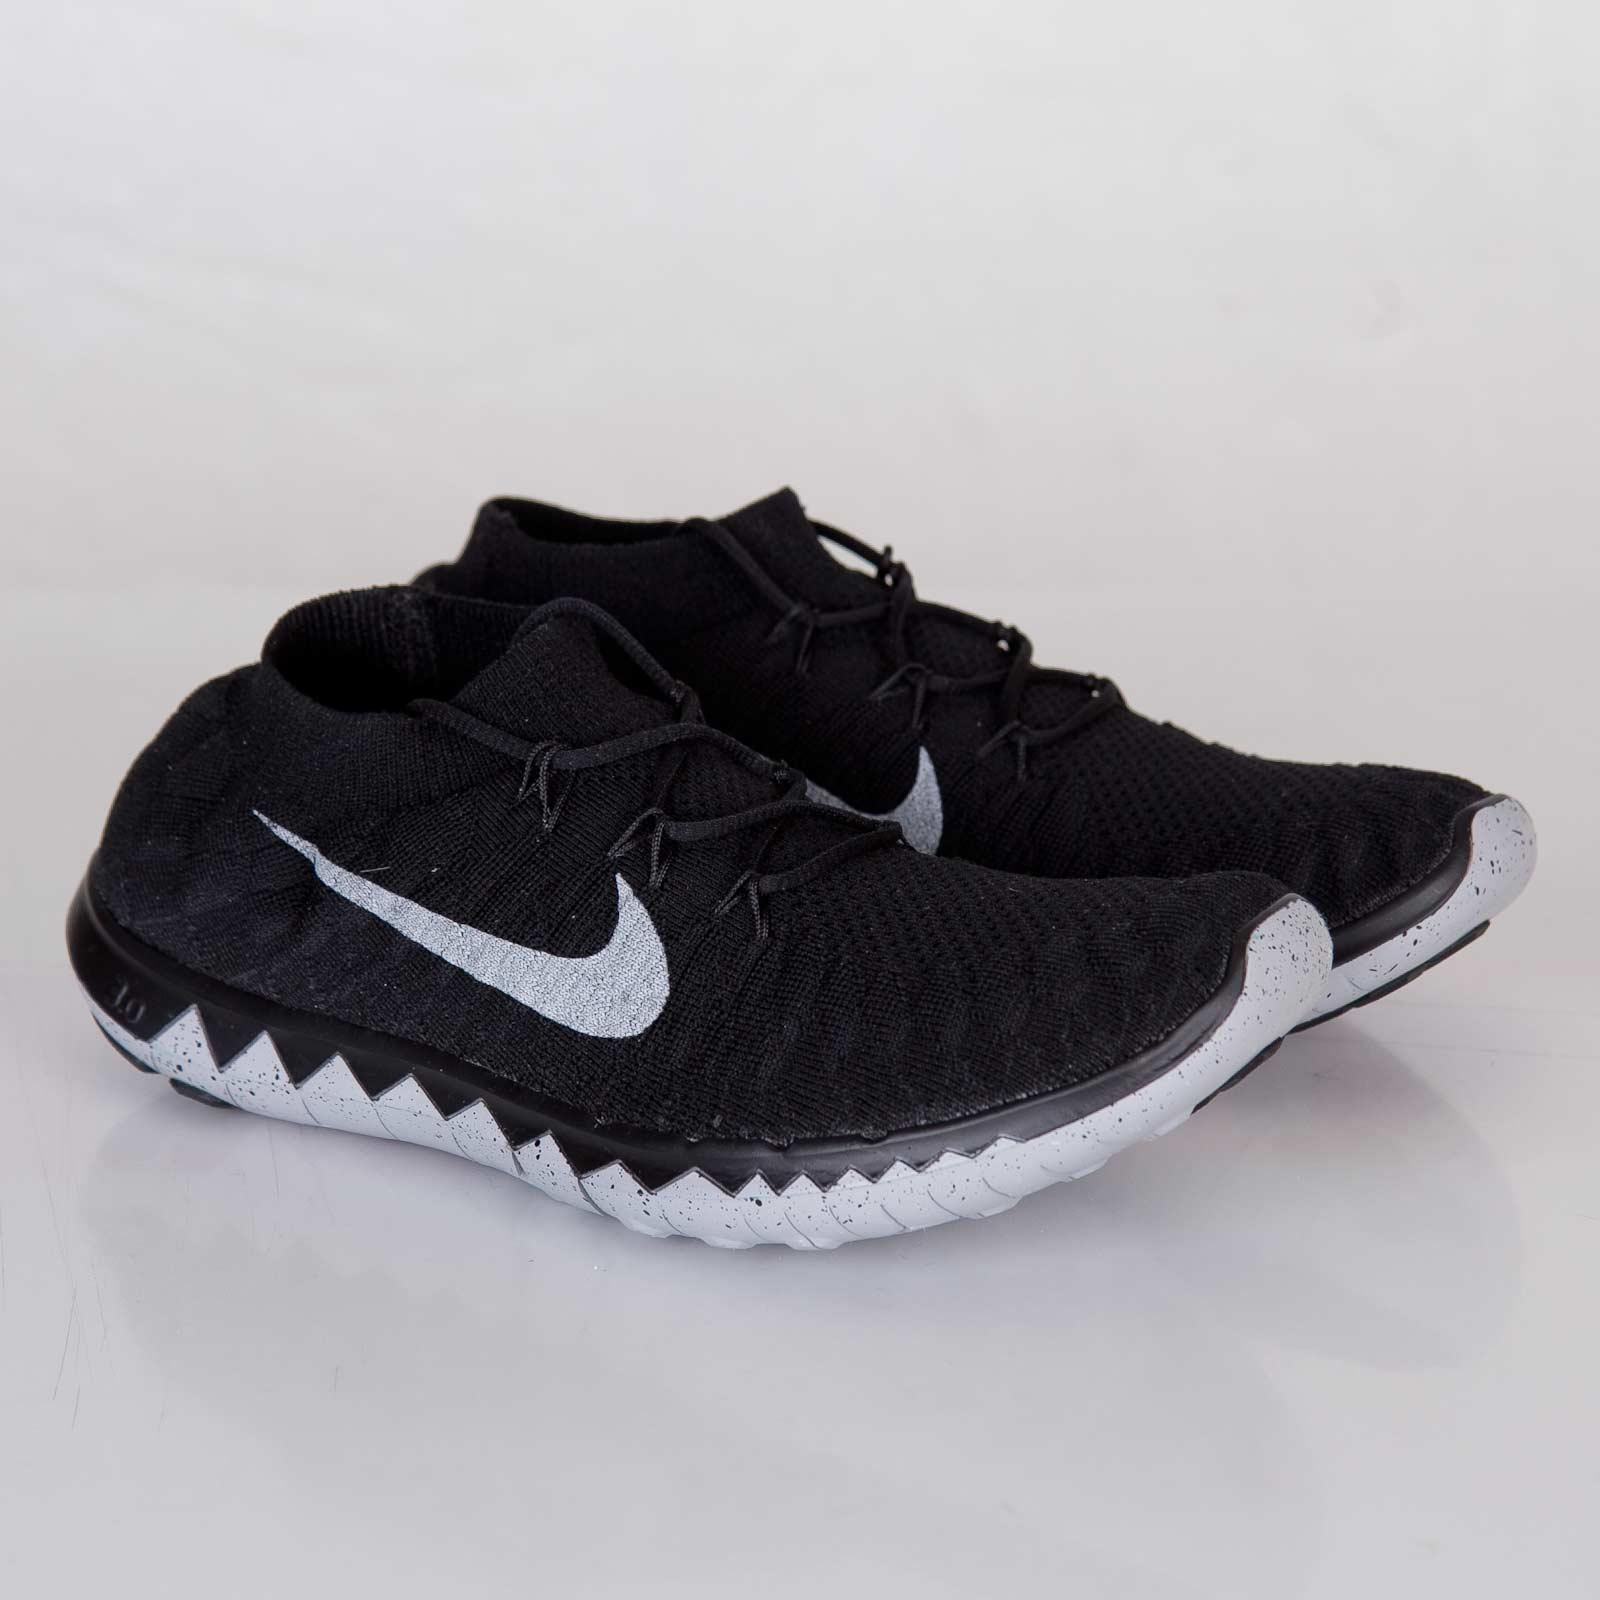 premium selection a6288 b0e88 Nike Free Flyknit 3.0 SP